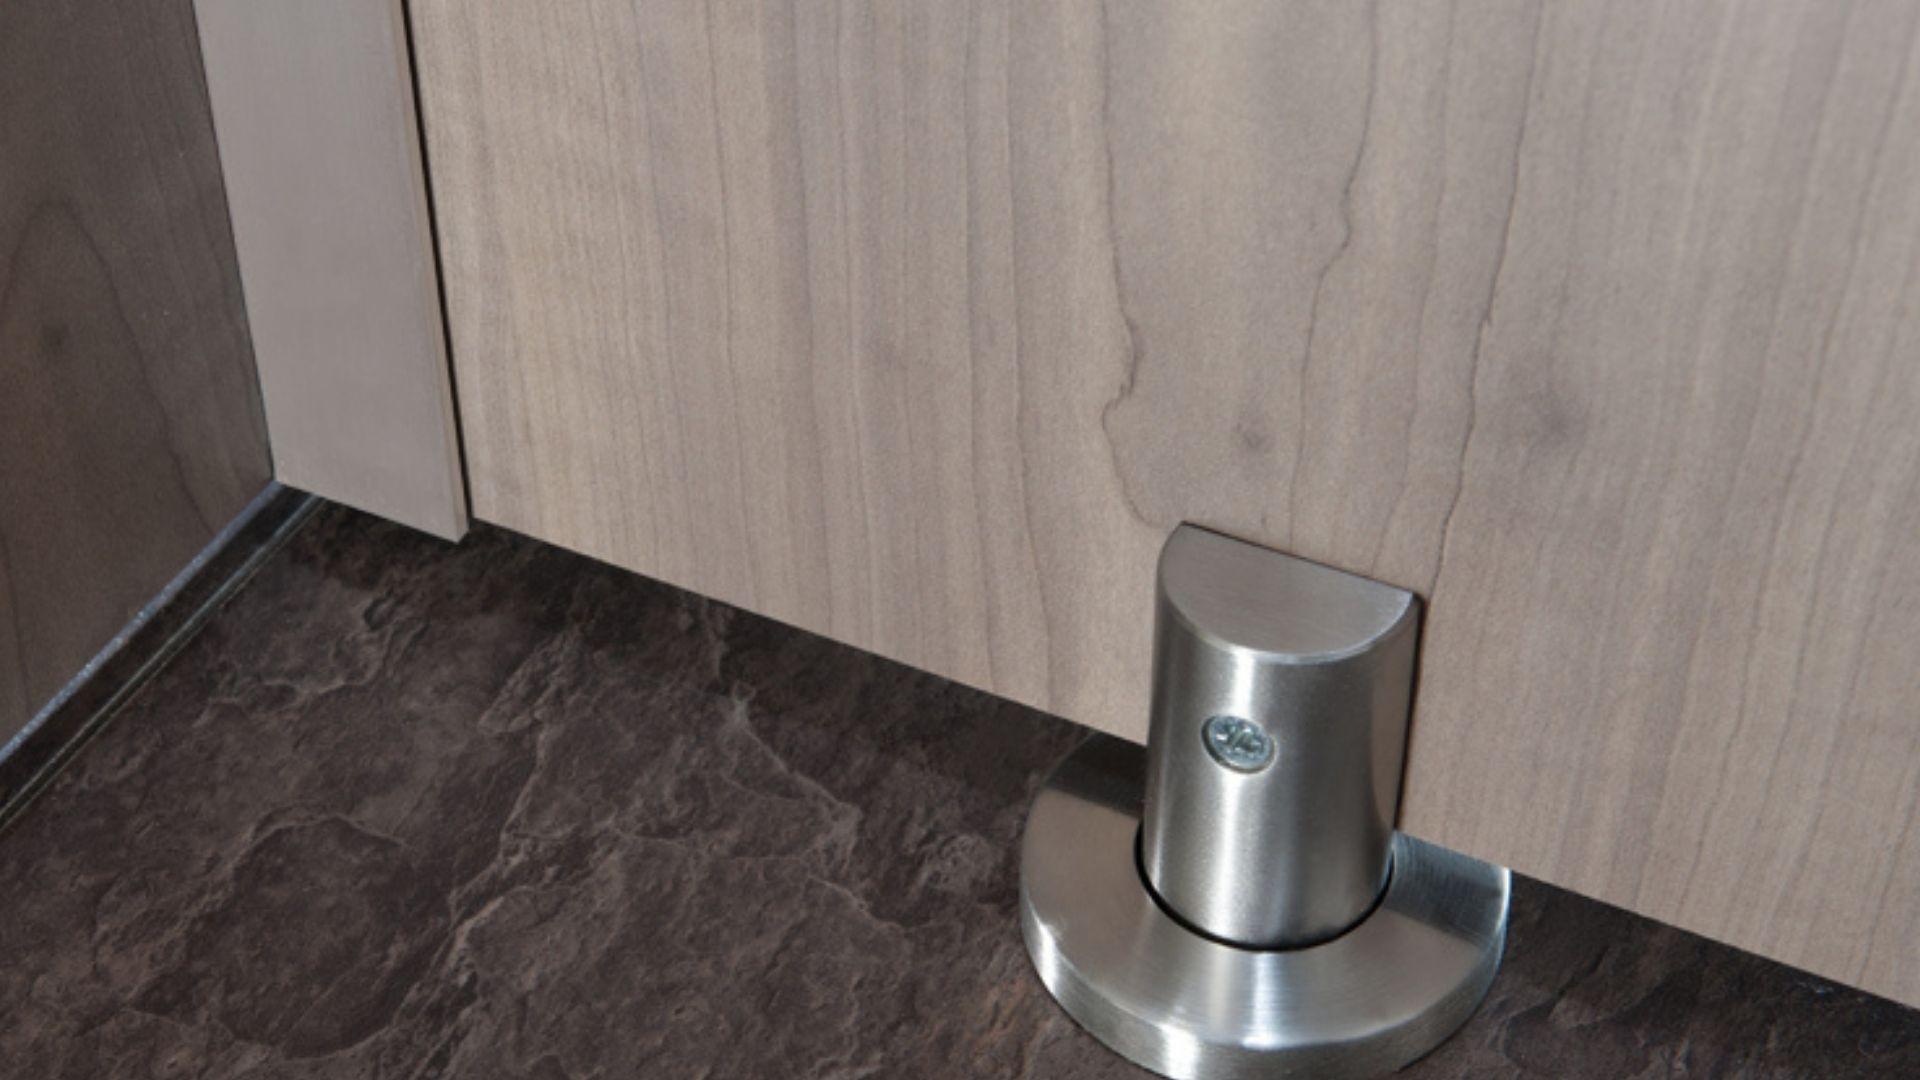 Stature washroom foot